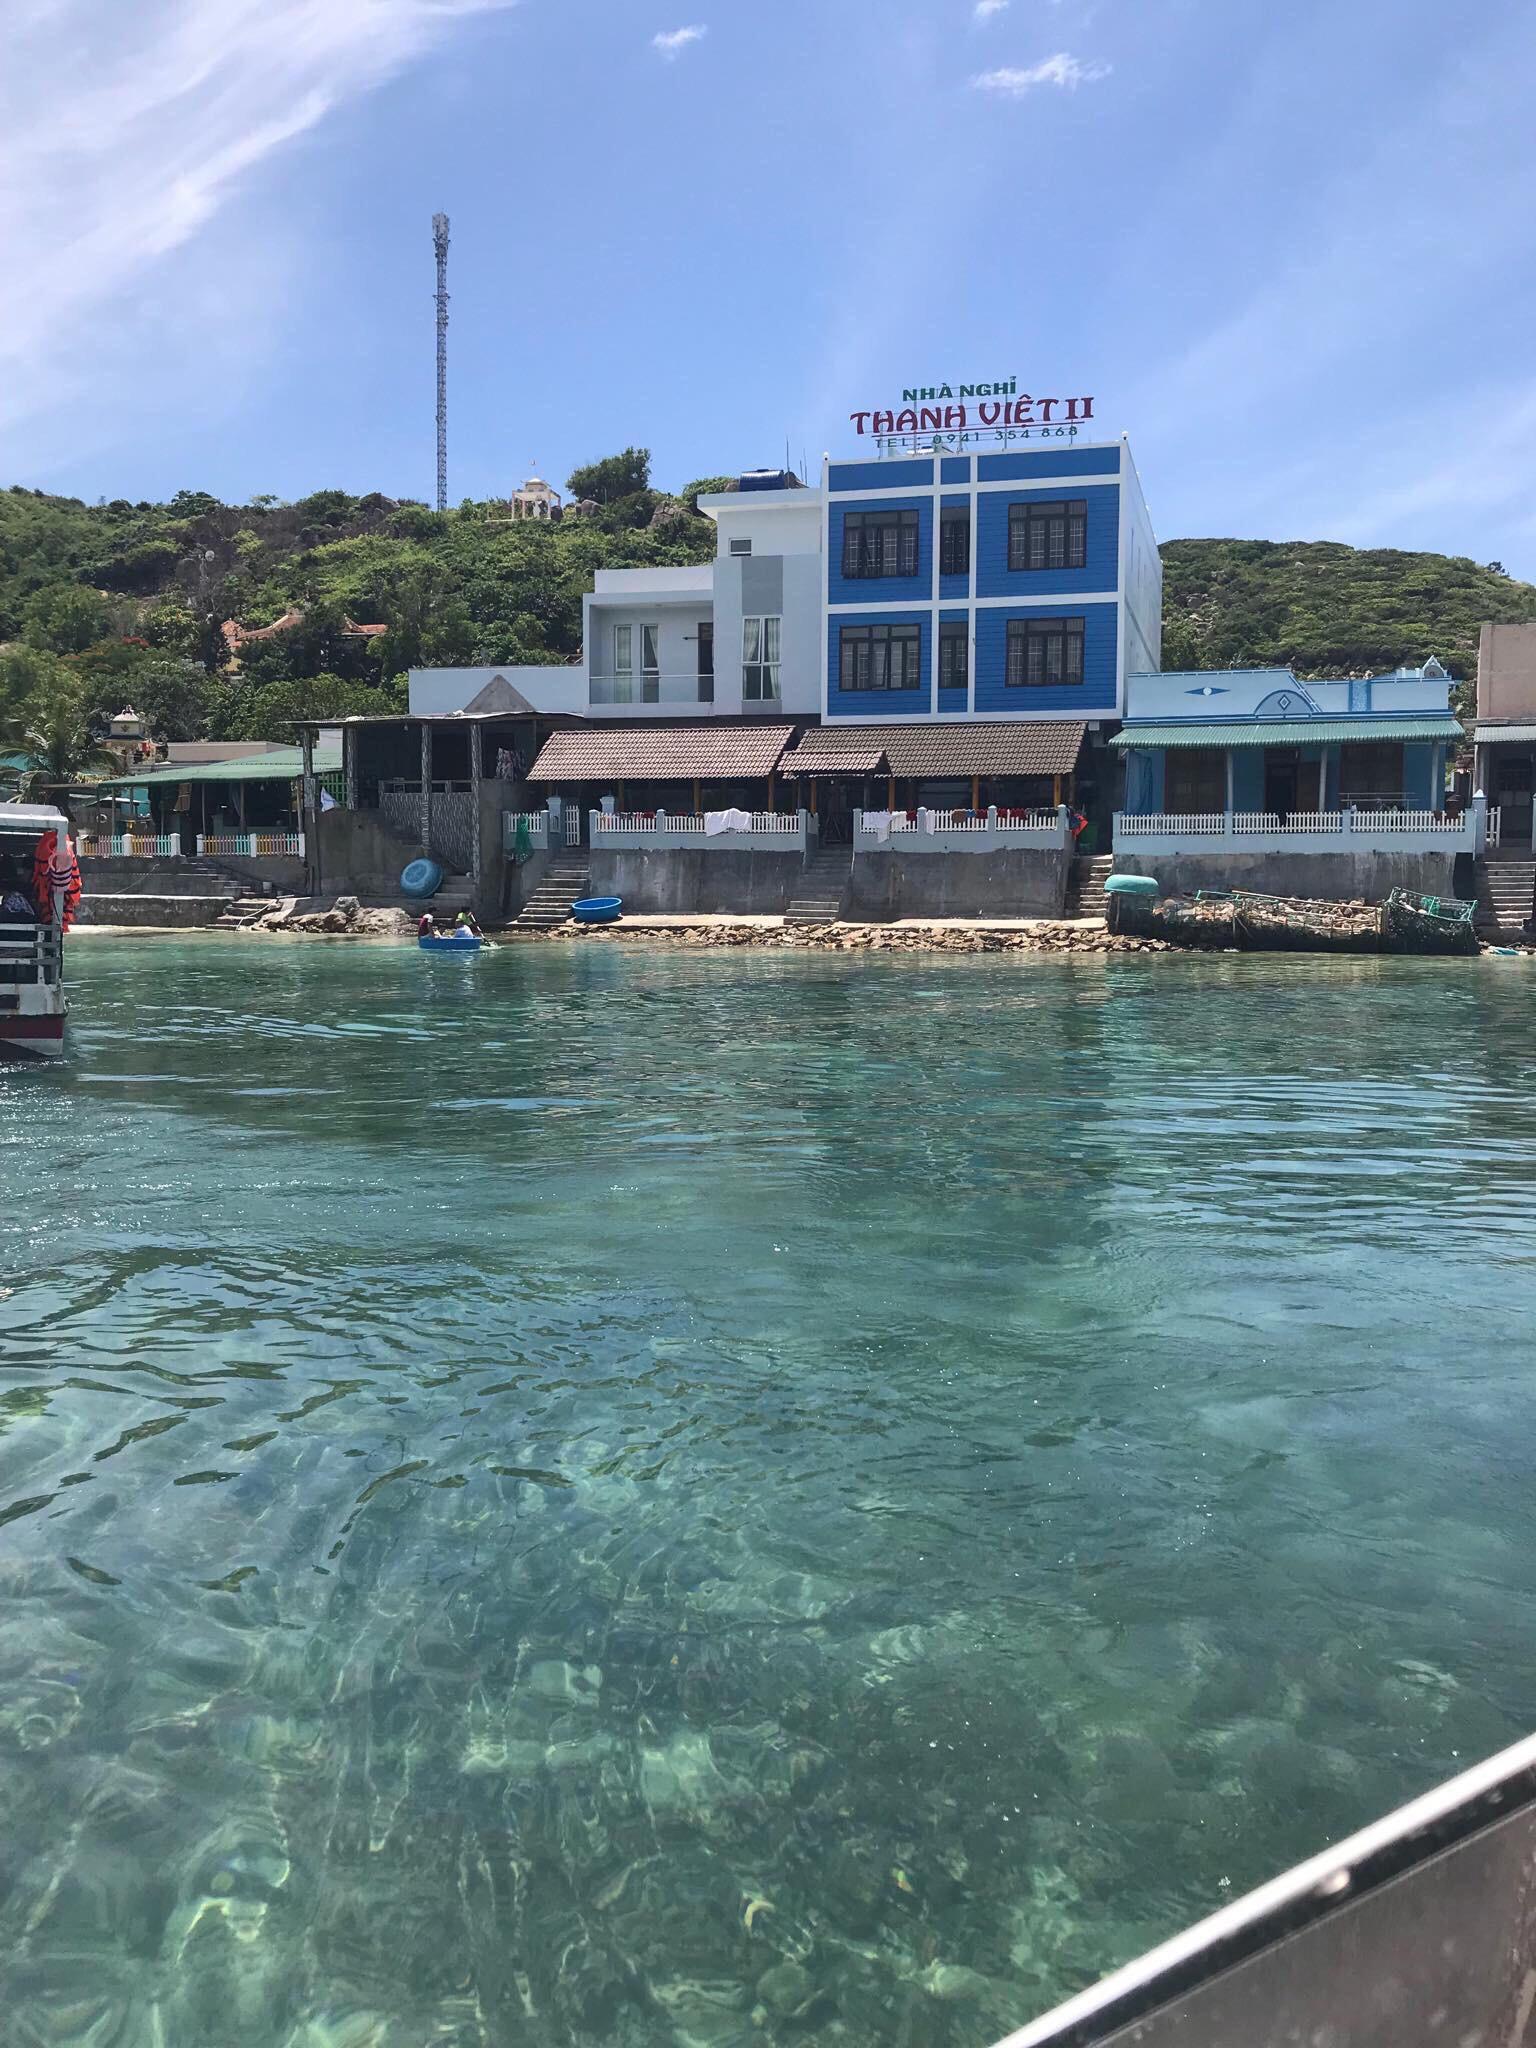 Nhà nghỉ trước biển tụi mình ở